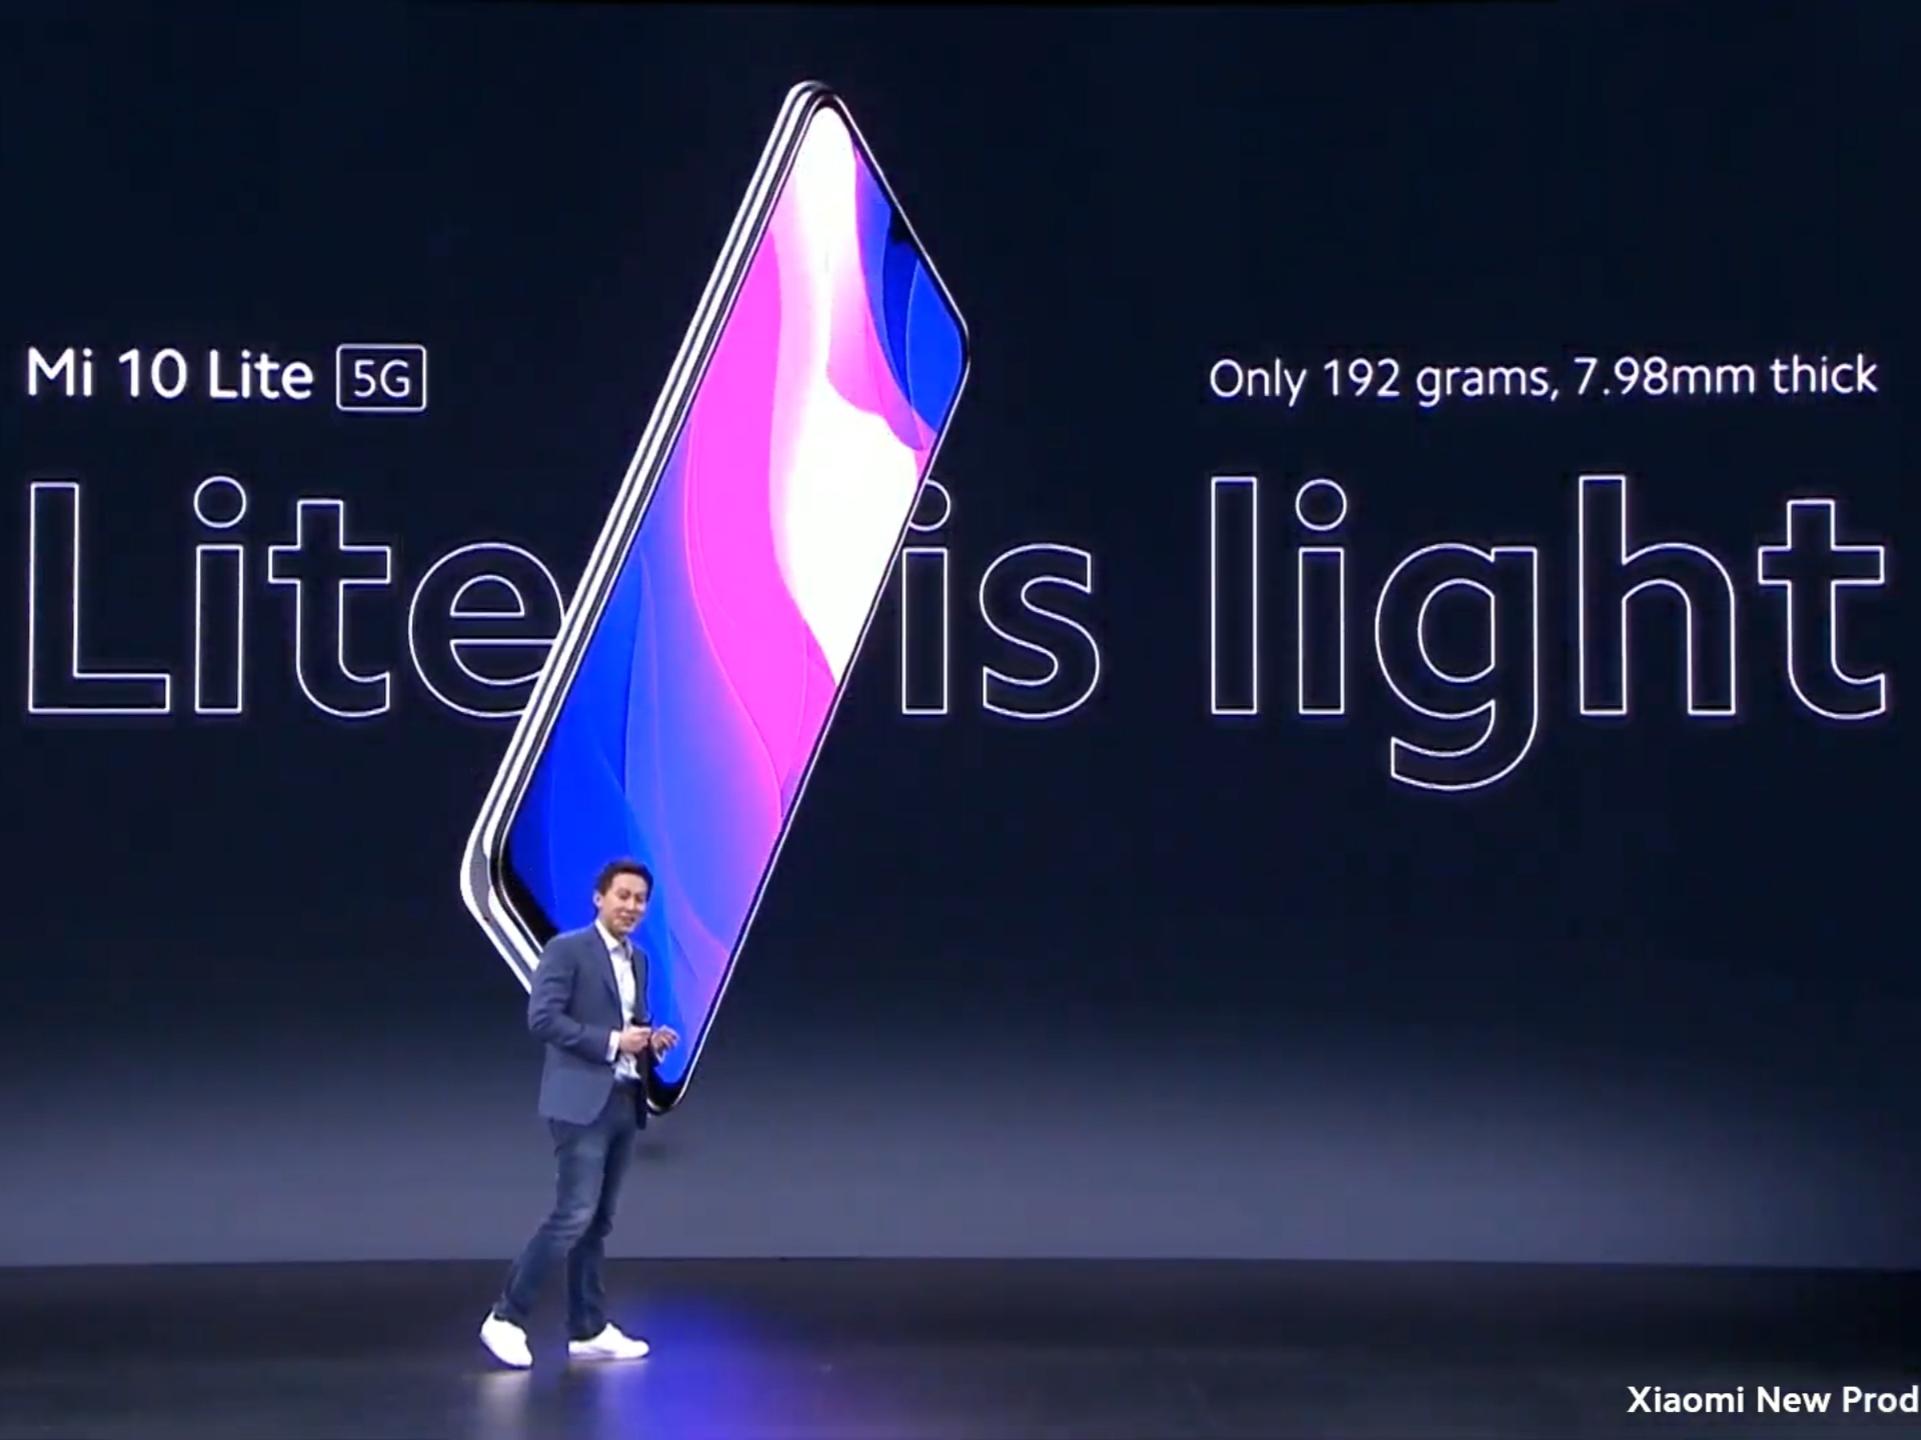 auからも発売されるMi 10 Lite 5Gの詳細がXiaomiから発表!気になる値段は?